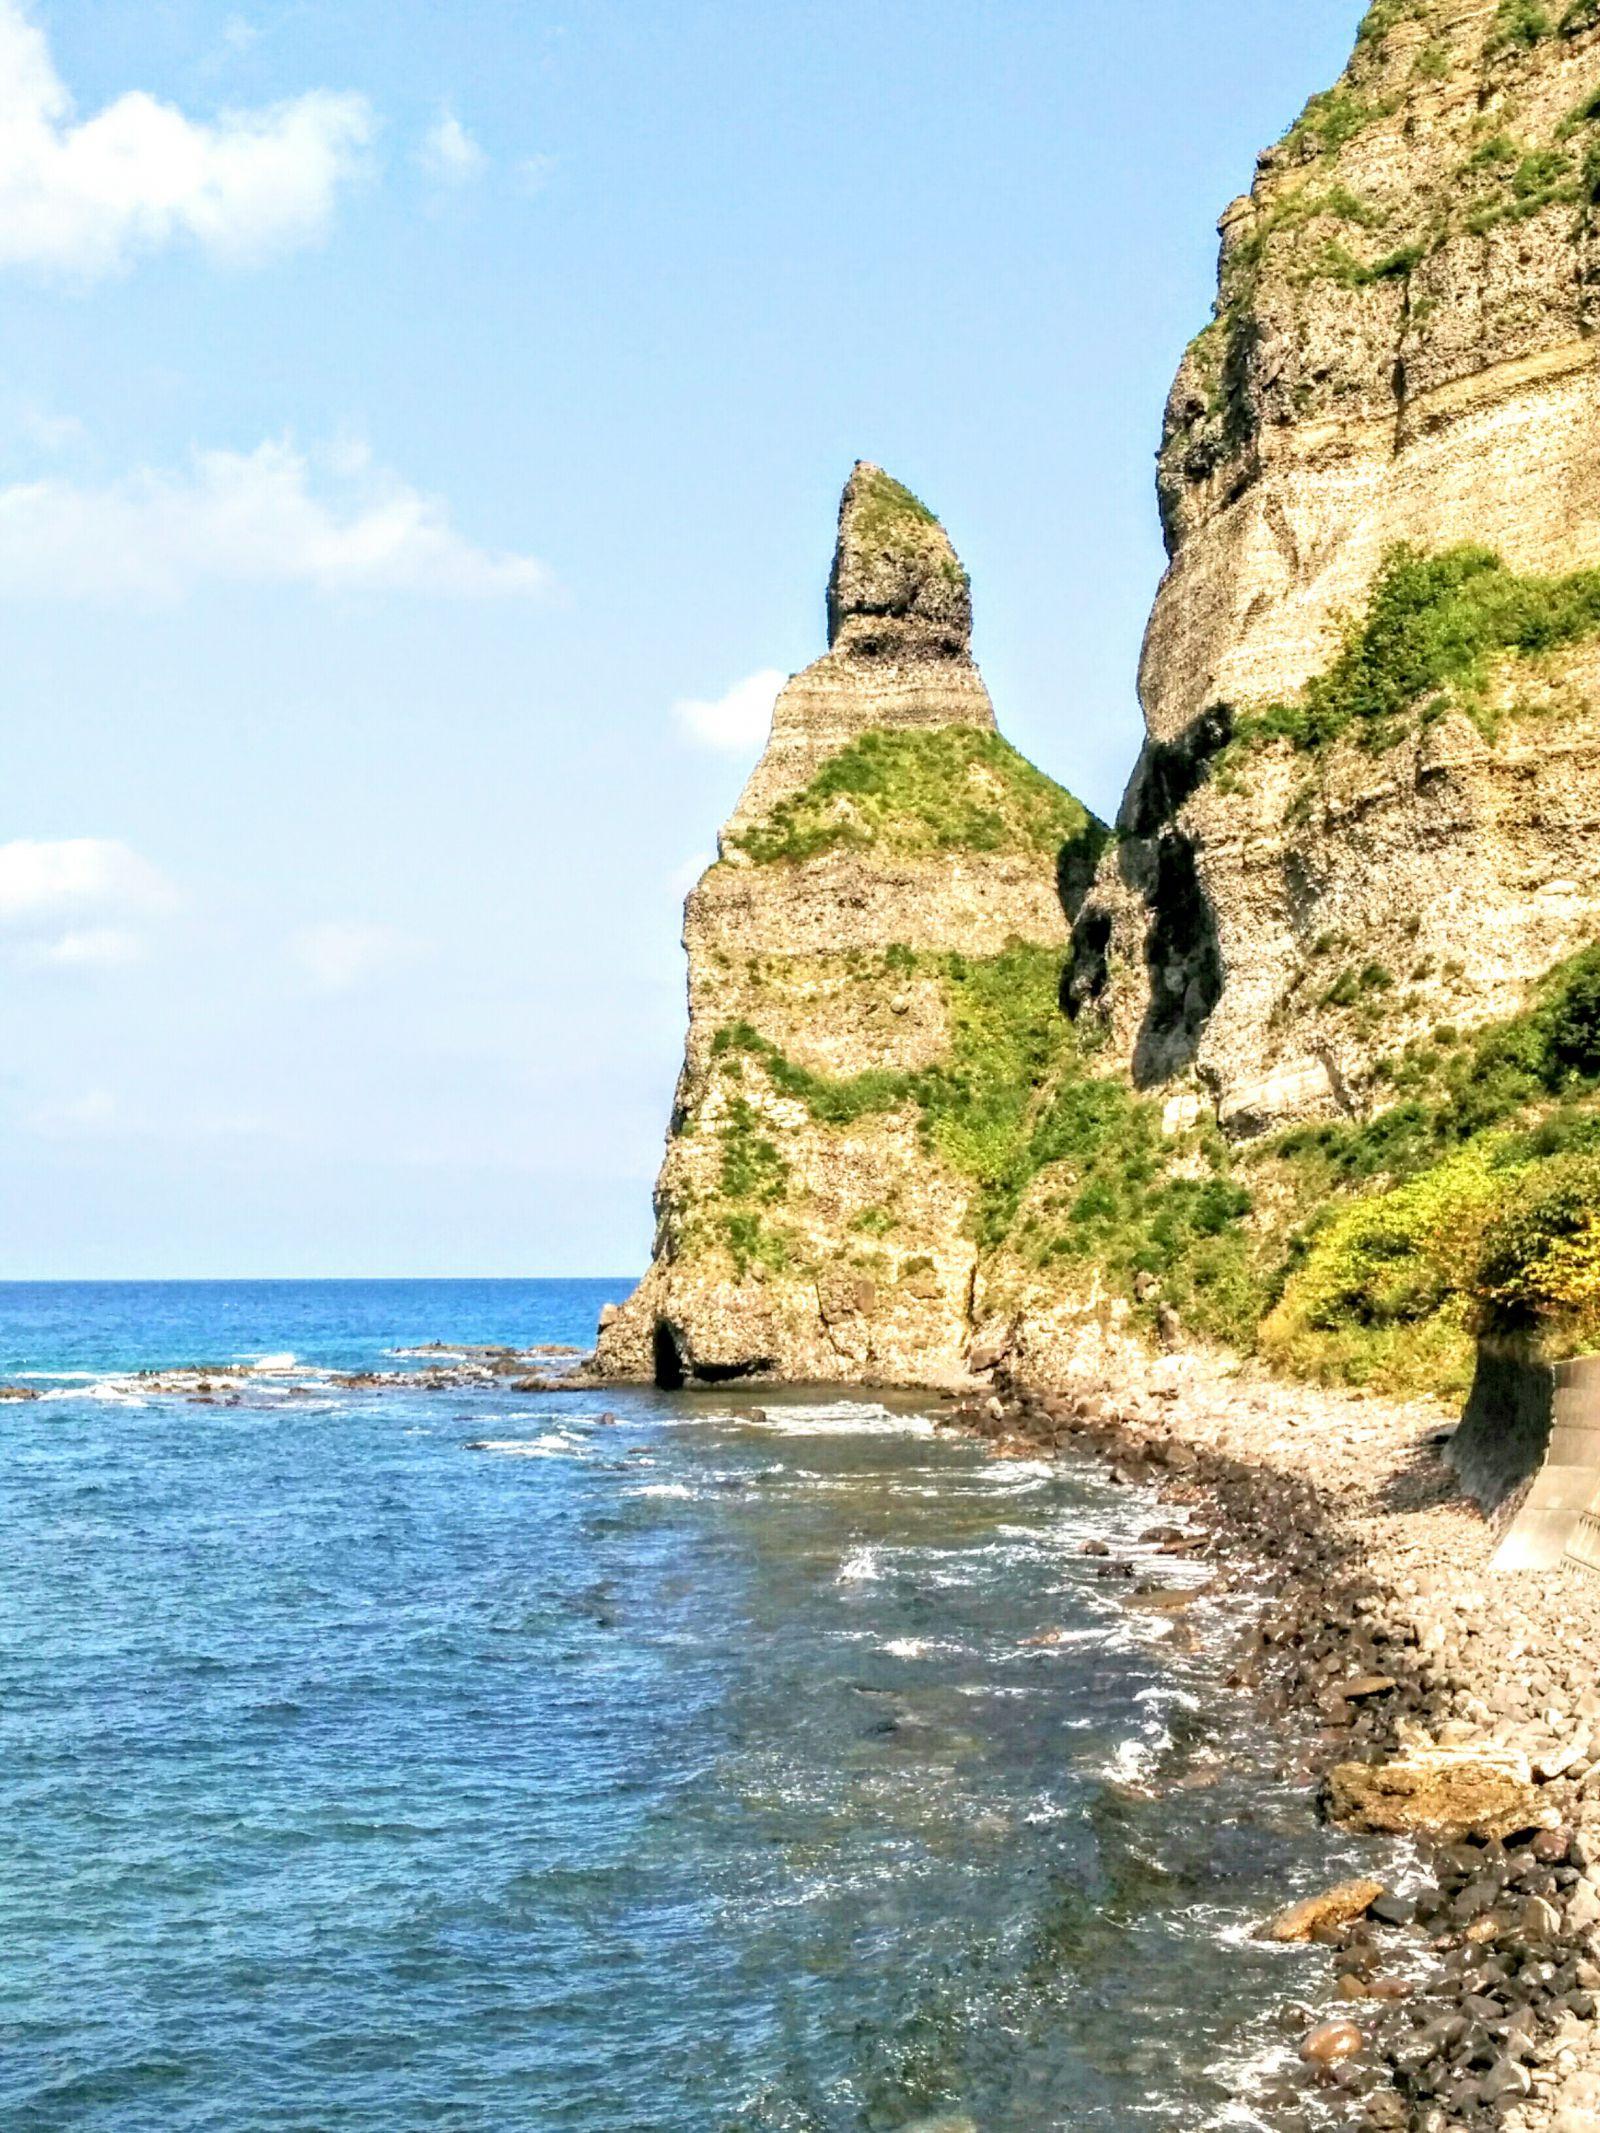 【積丹半島】セタカムイラインのセタカムイ岩観光案内です。